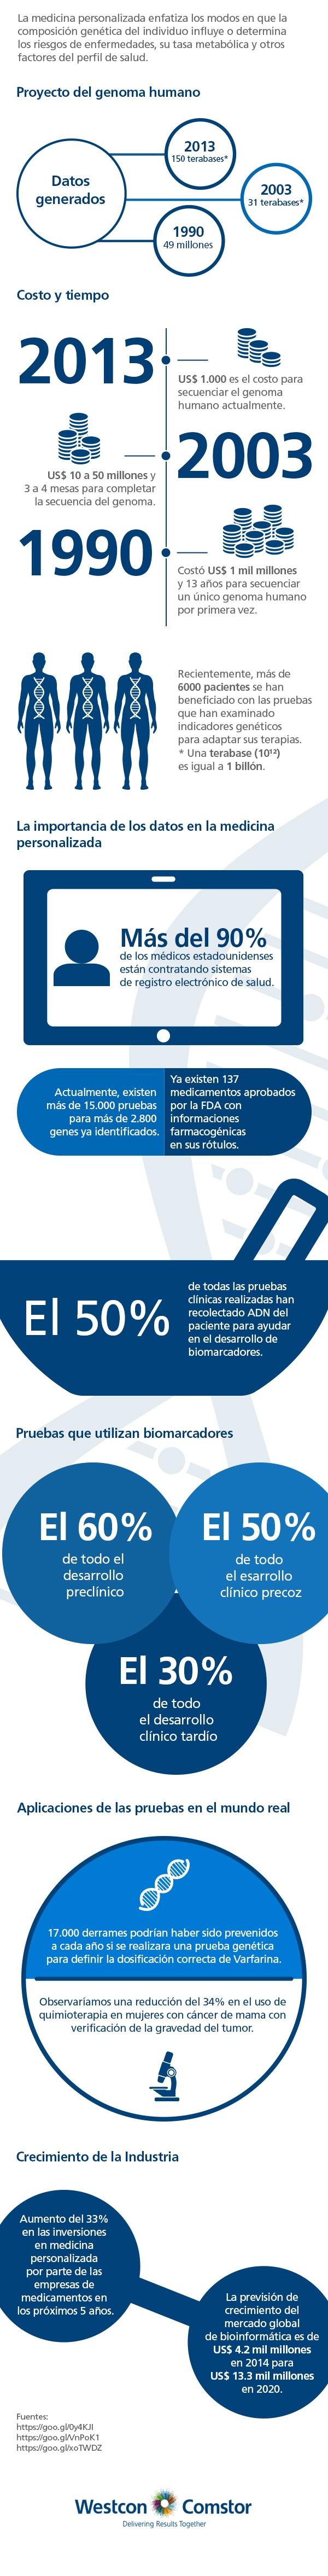 170525_079-Infografía---Los-caminos-de-la-Healthcare-el-futuro-de-la-medicina-personalizada_semheade.jpg